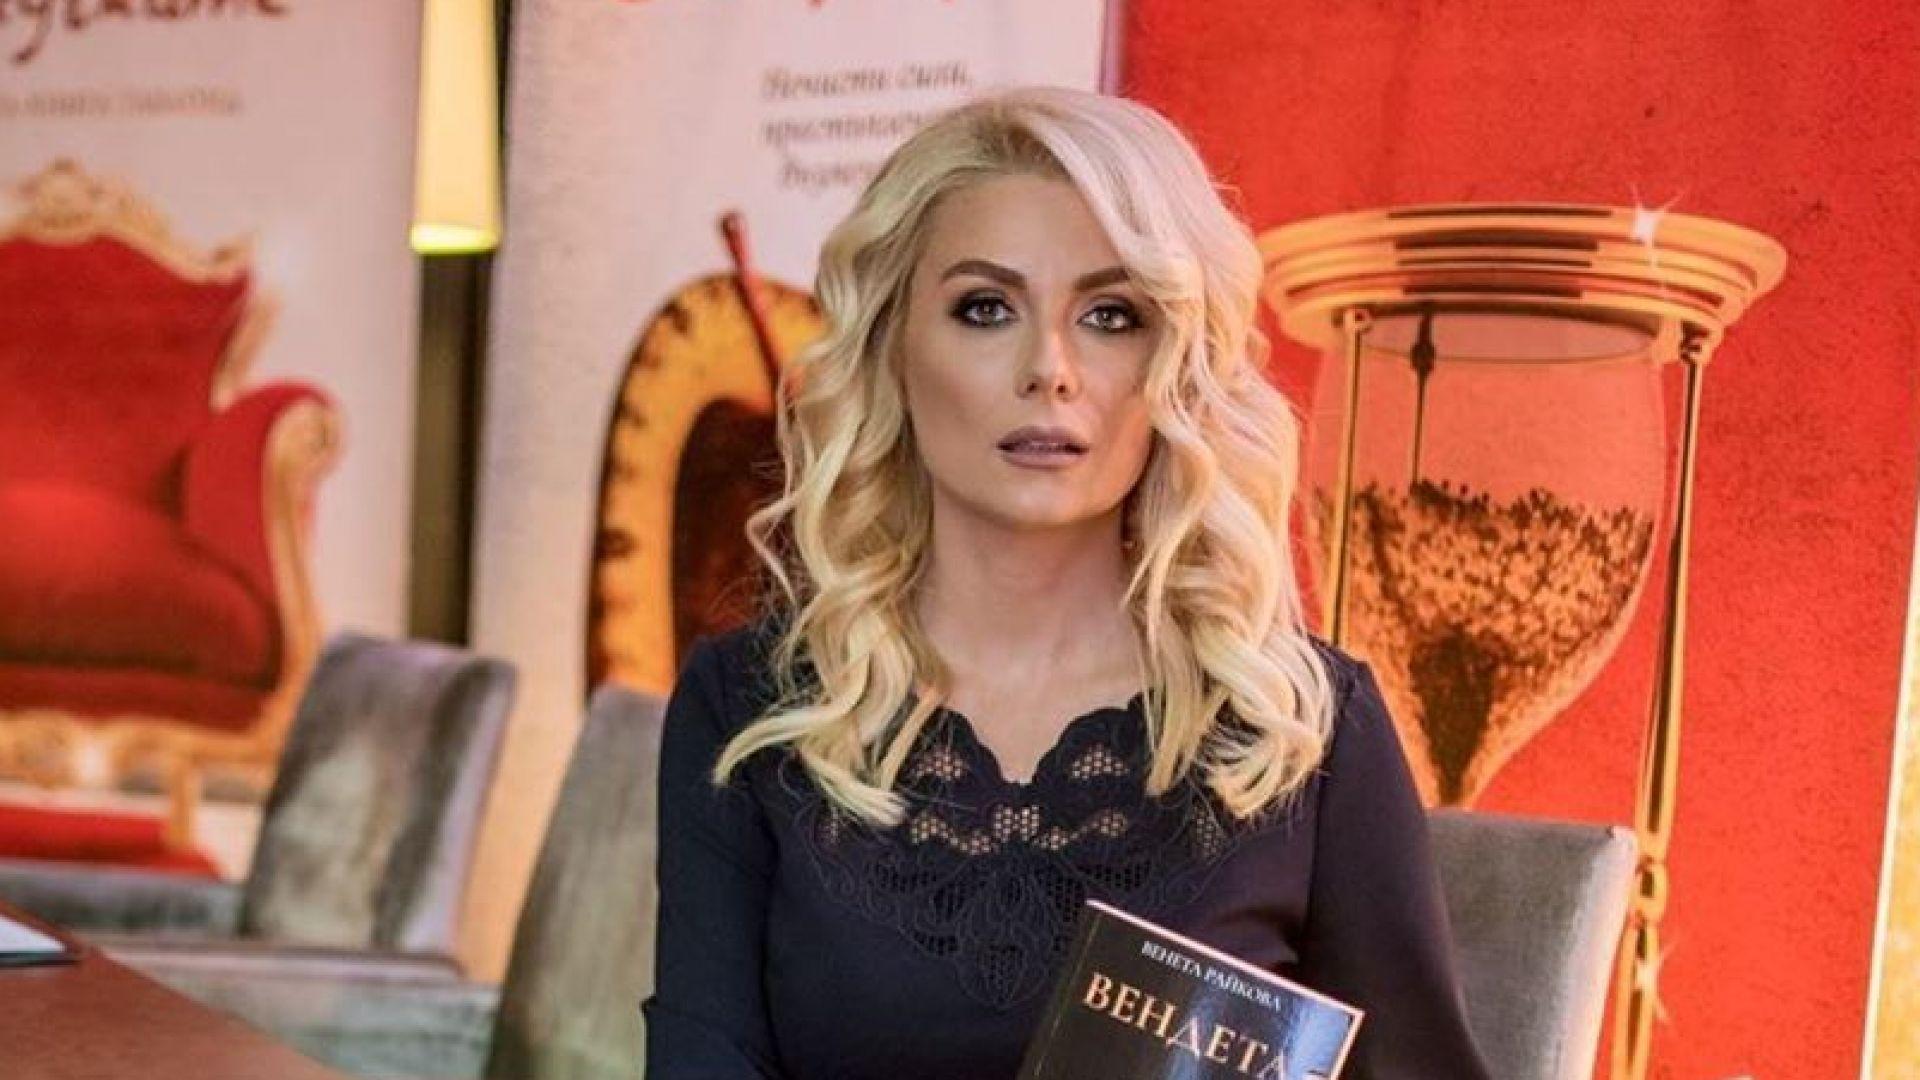 Венета Райкова: Пиша книги, за да излекувам себе си